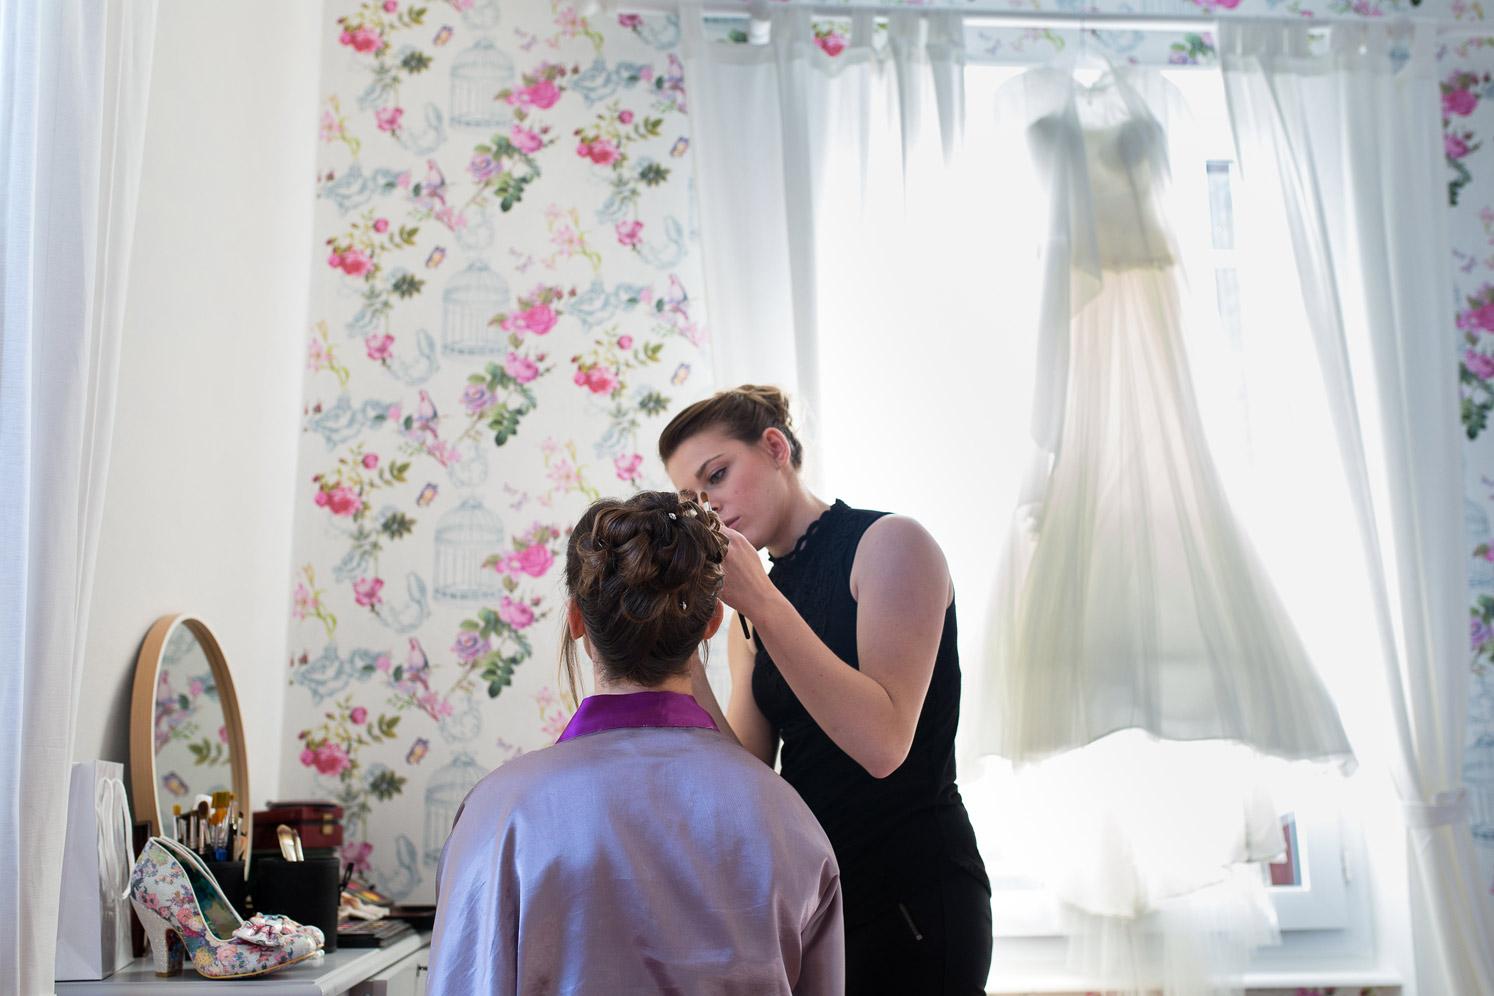 Hotel Royal Saint Mart Royat Clermont Ferrand Maquillage de la mariée devant sa robe